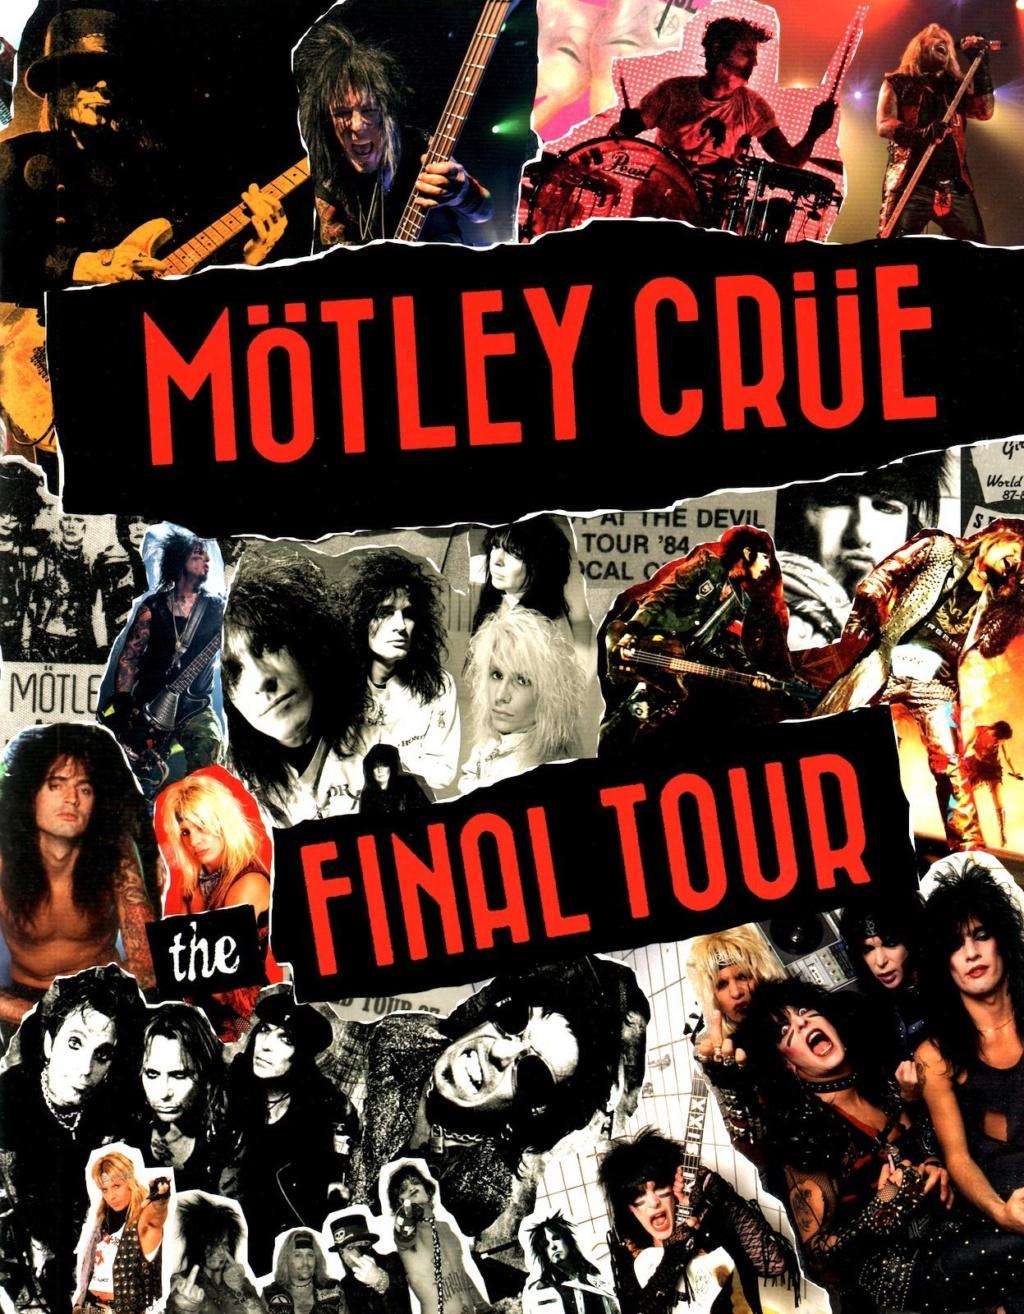 El final de Motley Crue??? - Página 11 Tour_b14